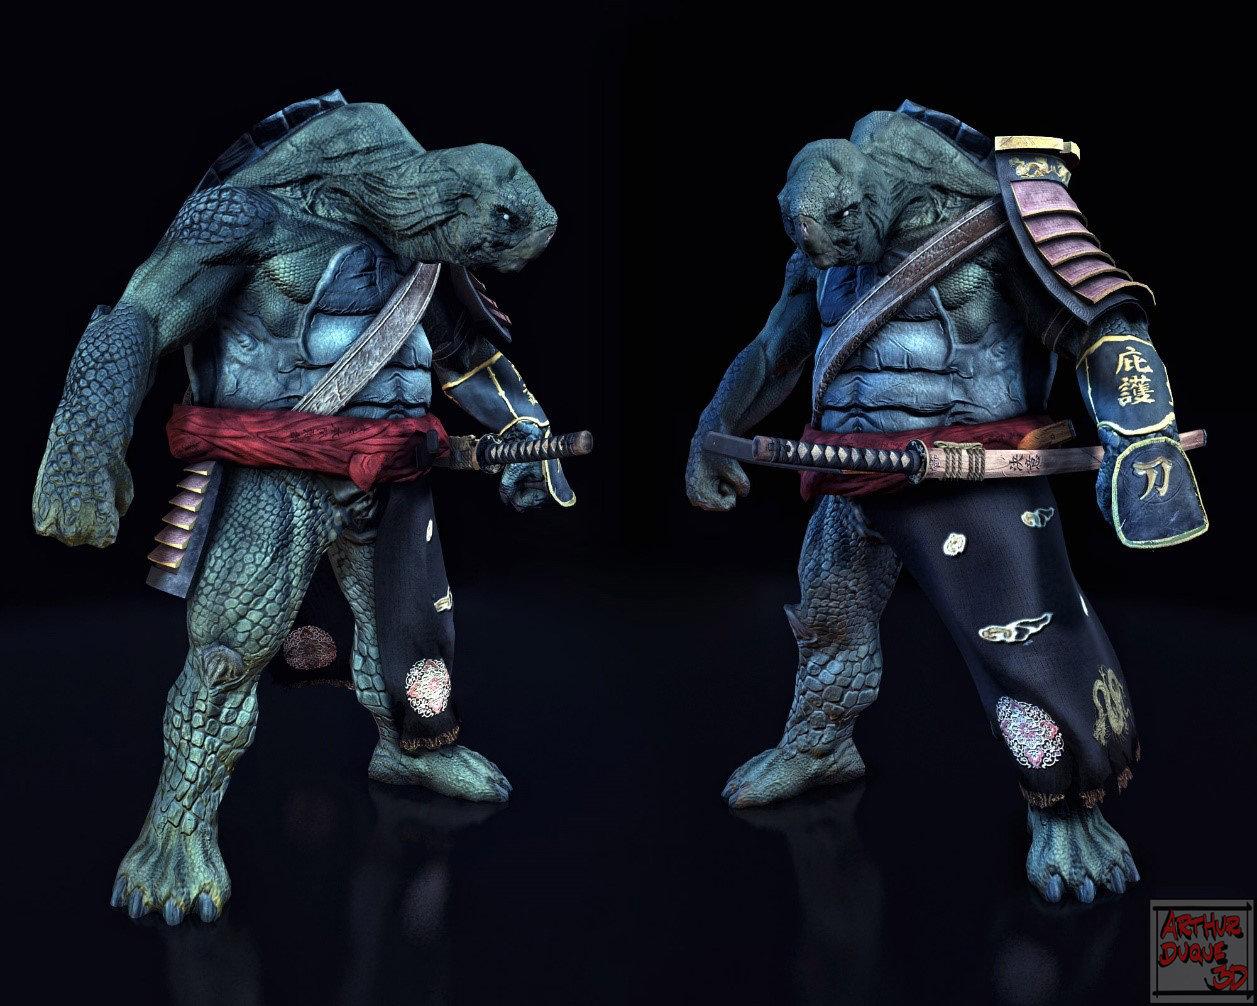 Arthur duque turtle